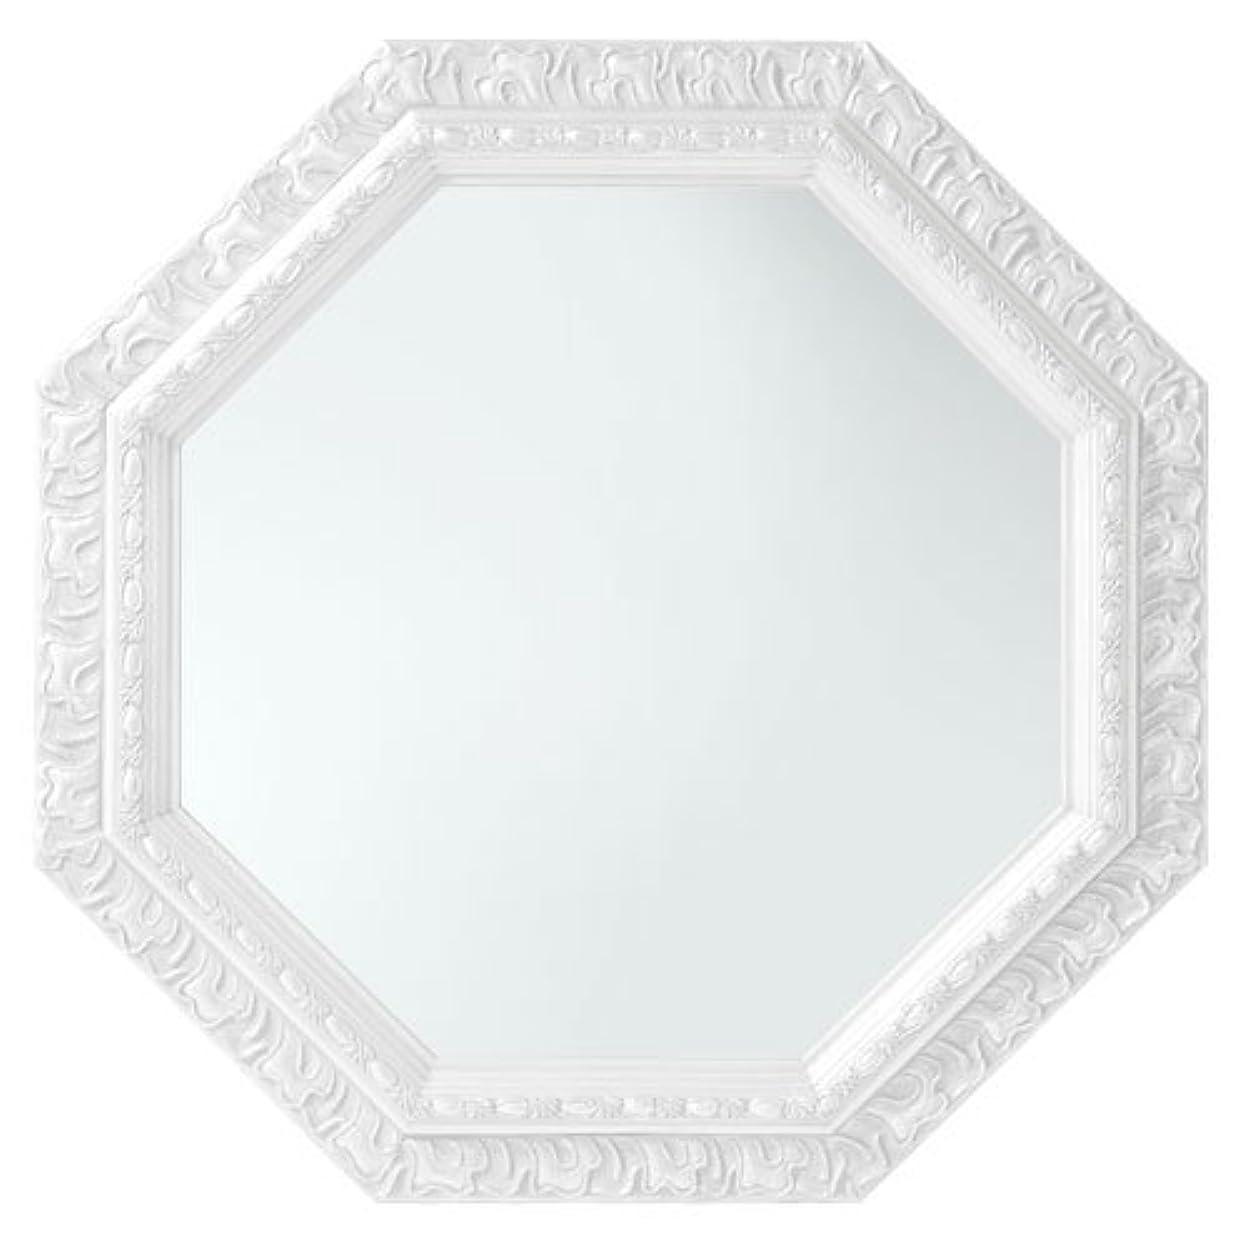 下向き下るドラフトぼん家具 鏡 壁掛け 八角形 ミラー アンティーク調 51.5×51.5cm かがみ ホワイト